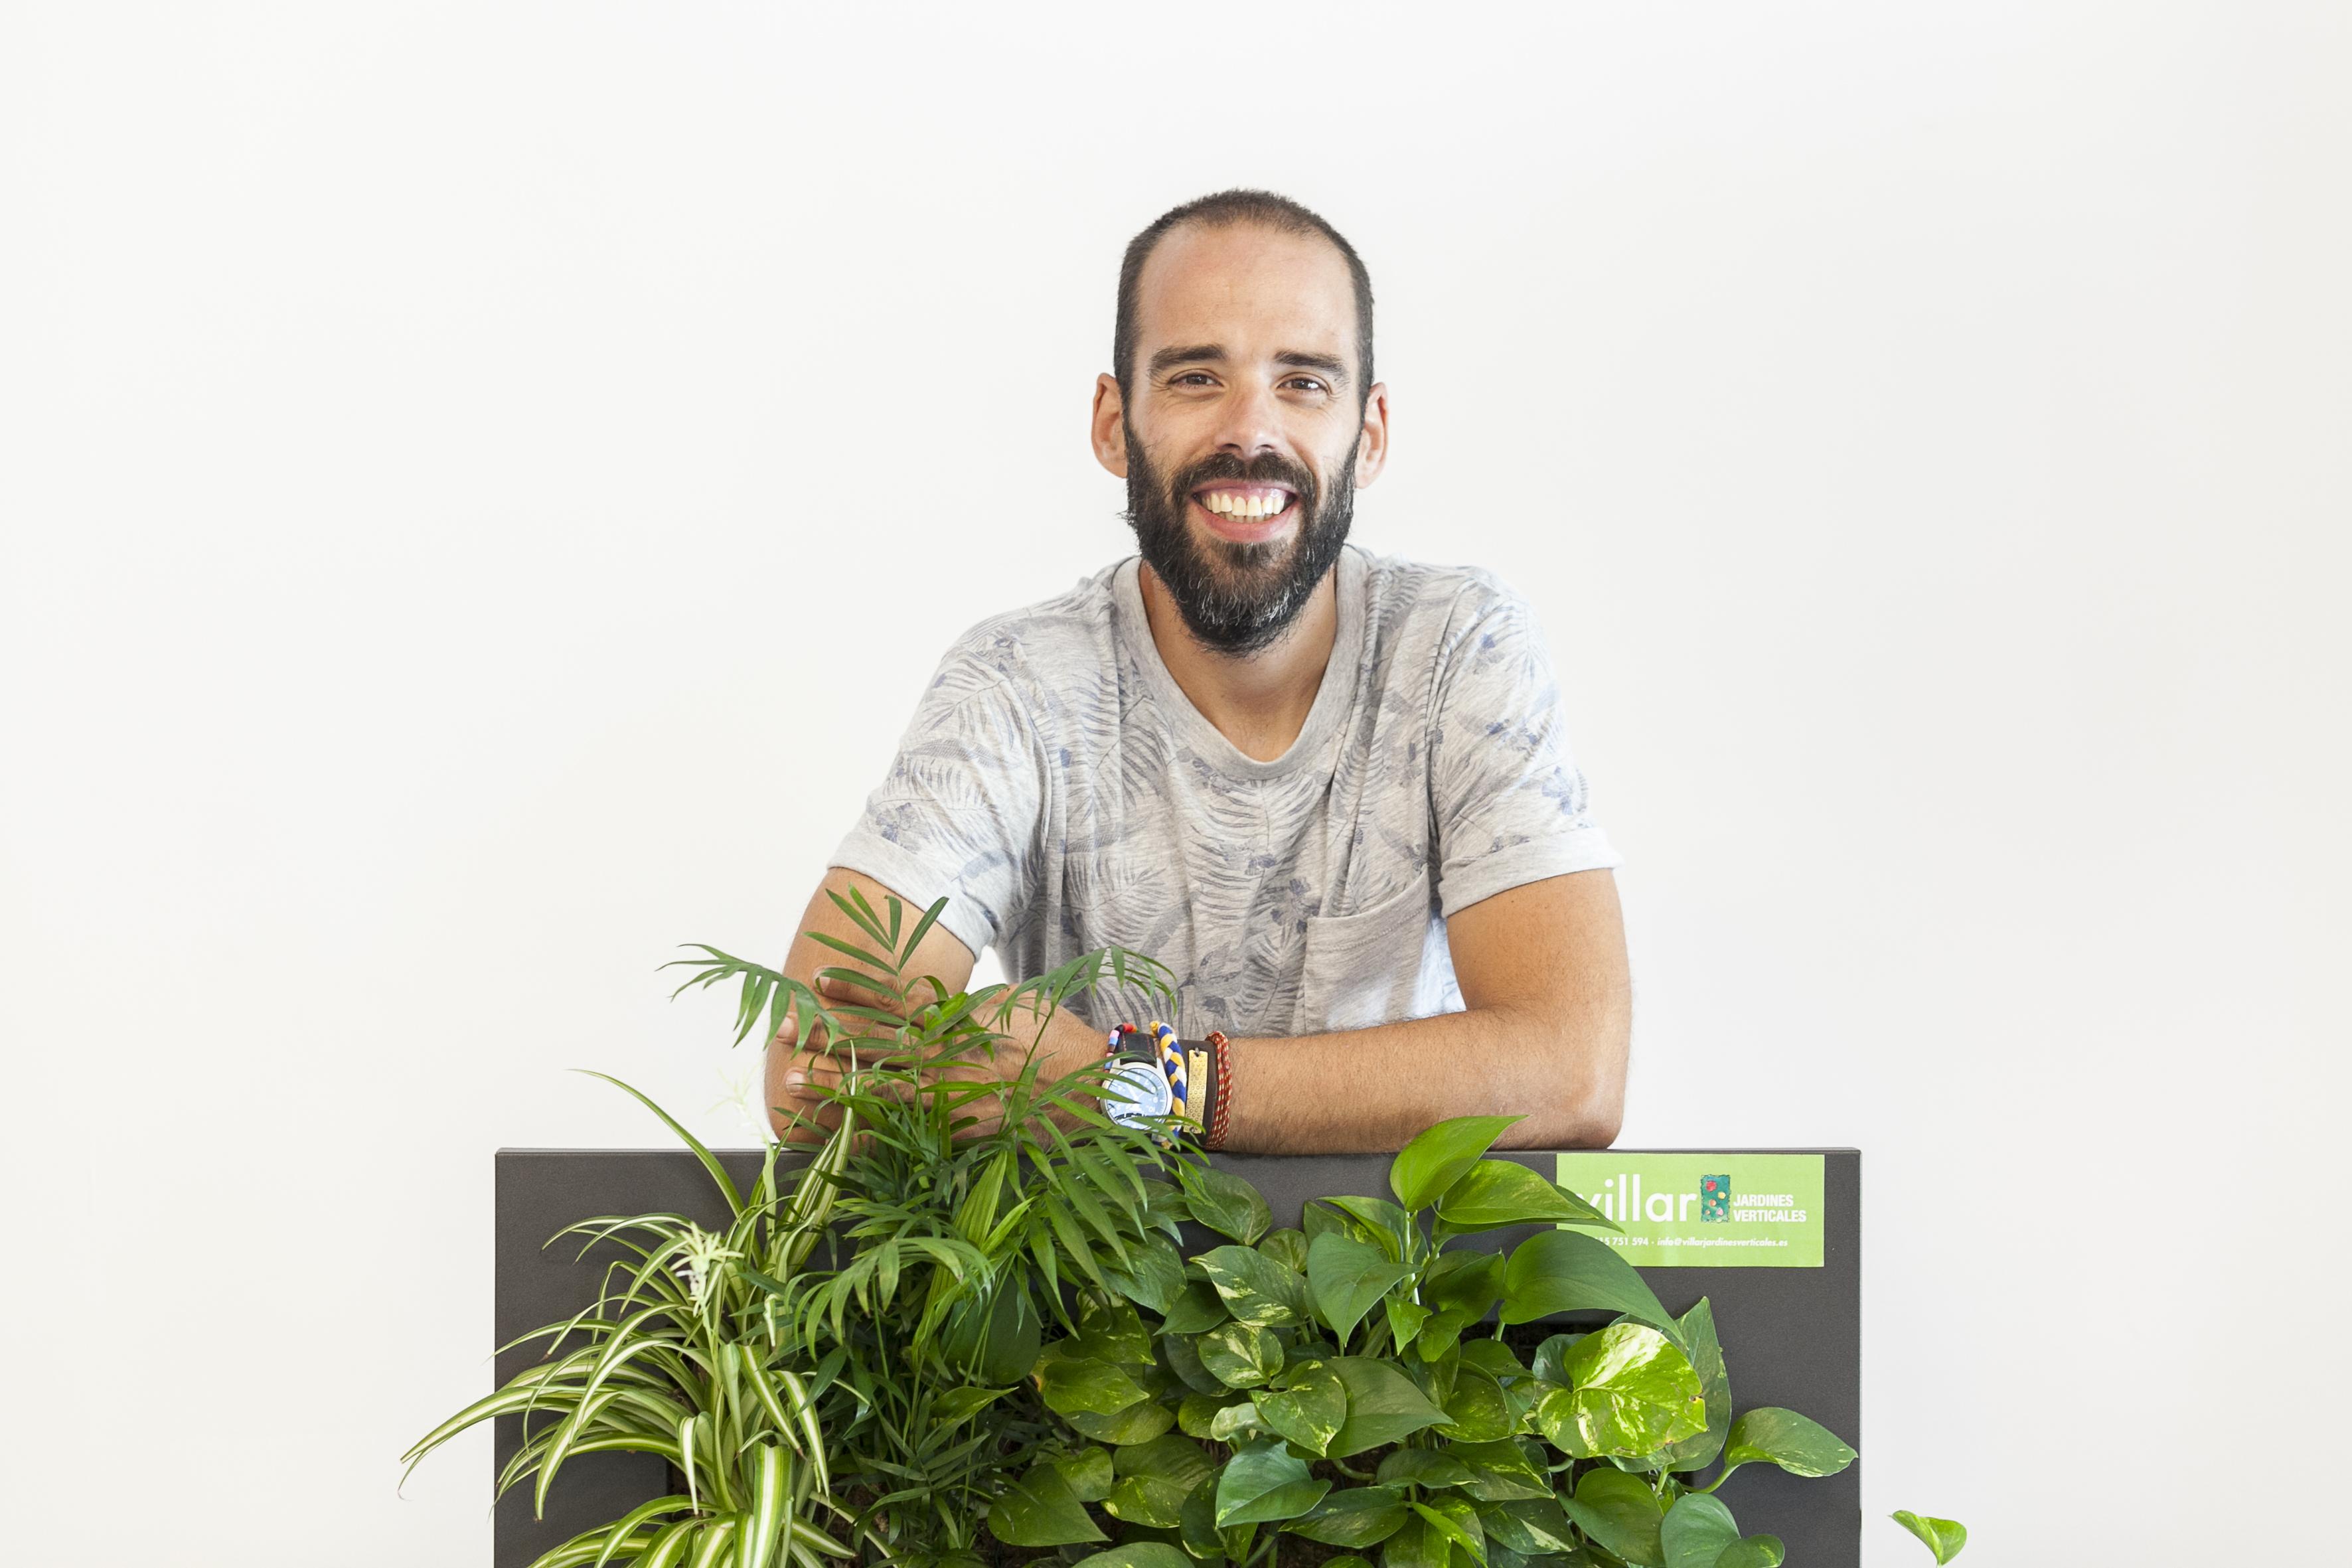 Juan gabriel jardines verticales villar knowhere denia for Jardines verticales introduccion